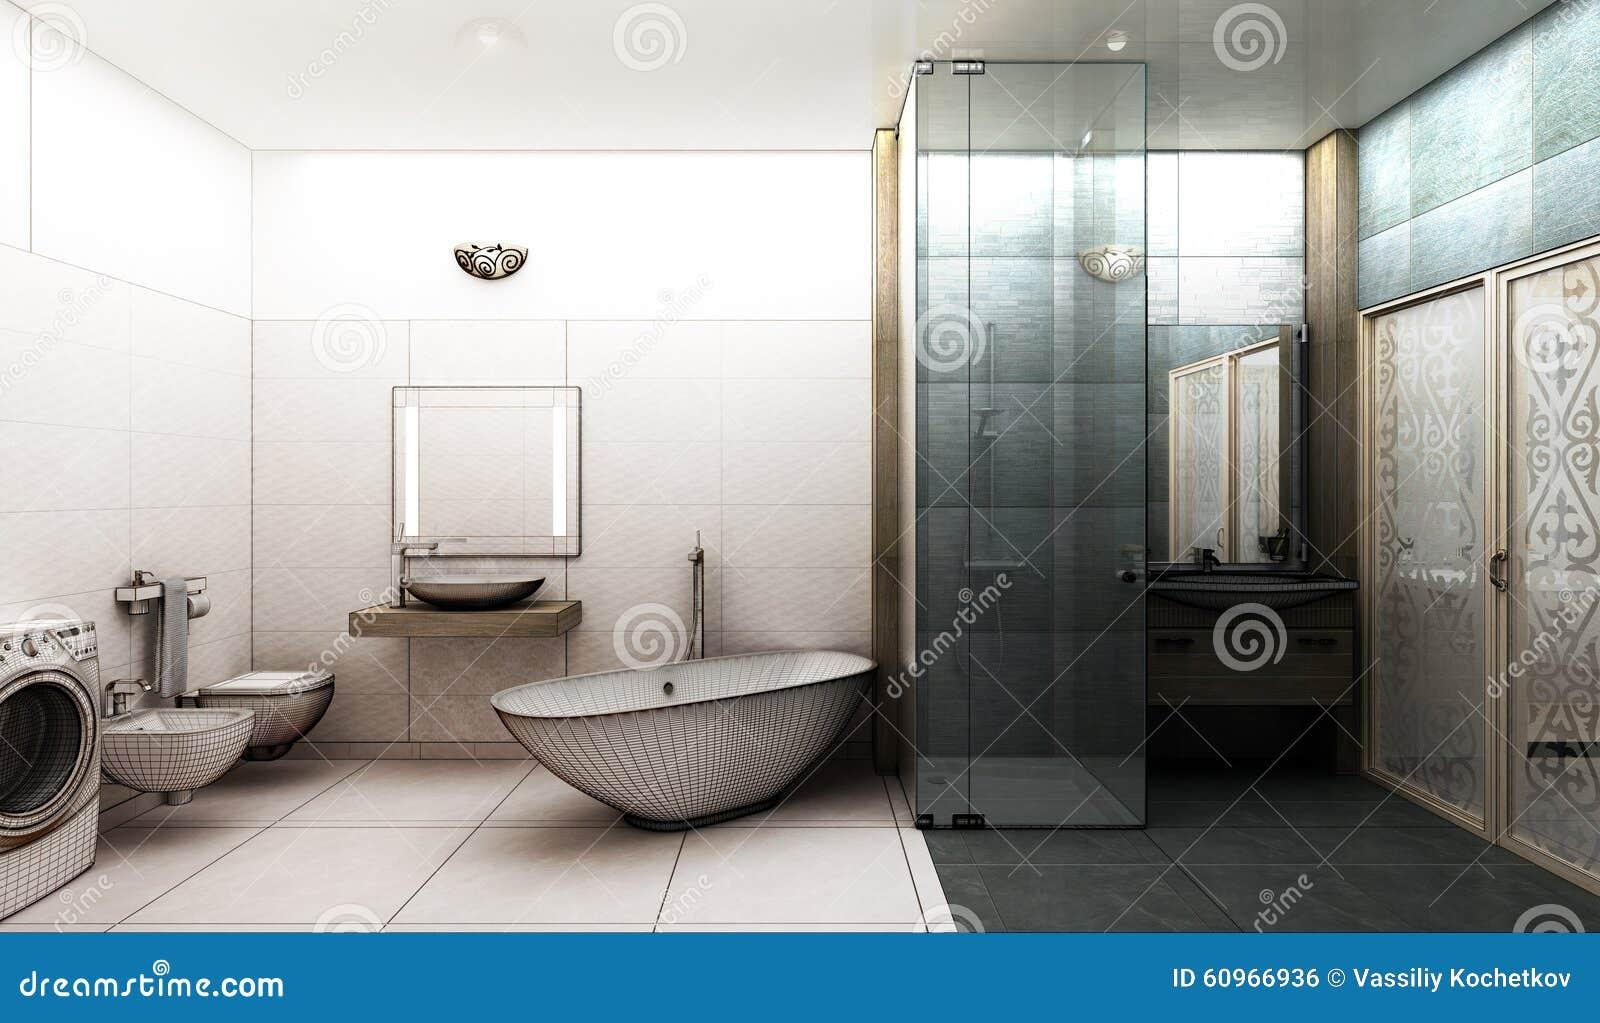 Representación 3D De Un Diseño Interior Del Cuarto De Baño Moderno ...